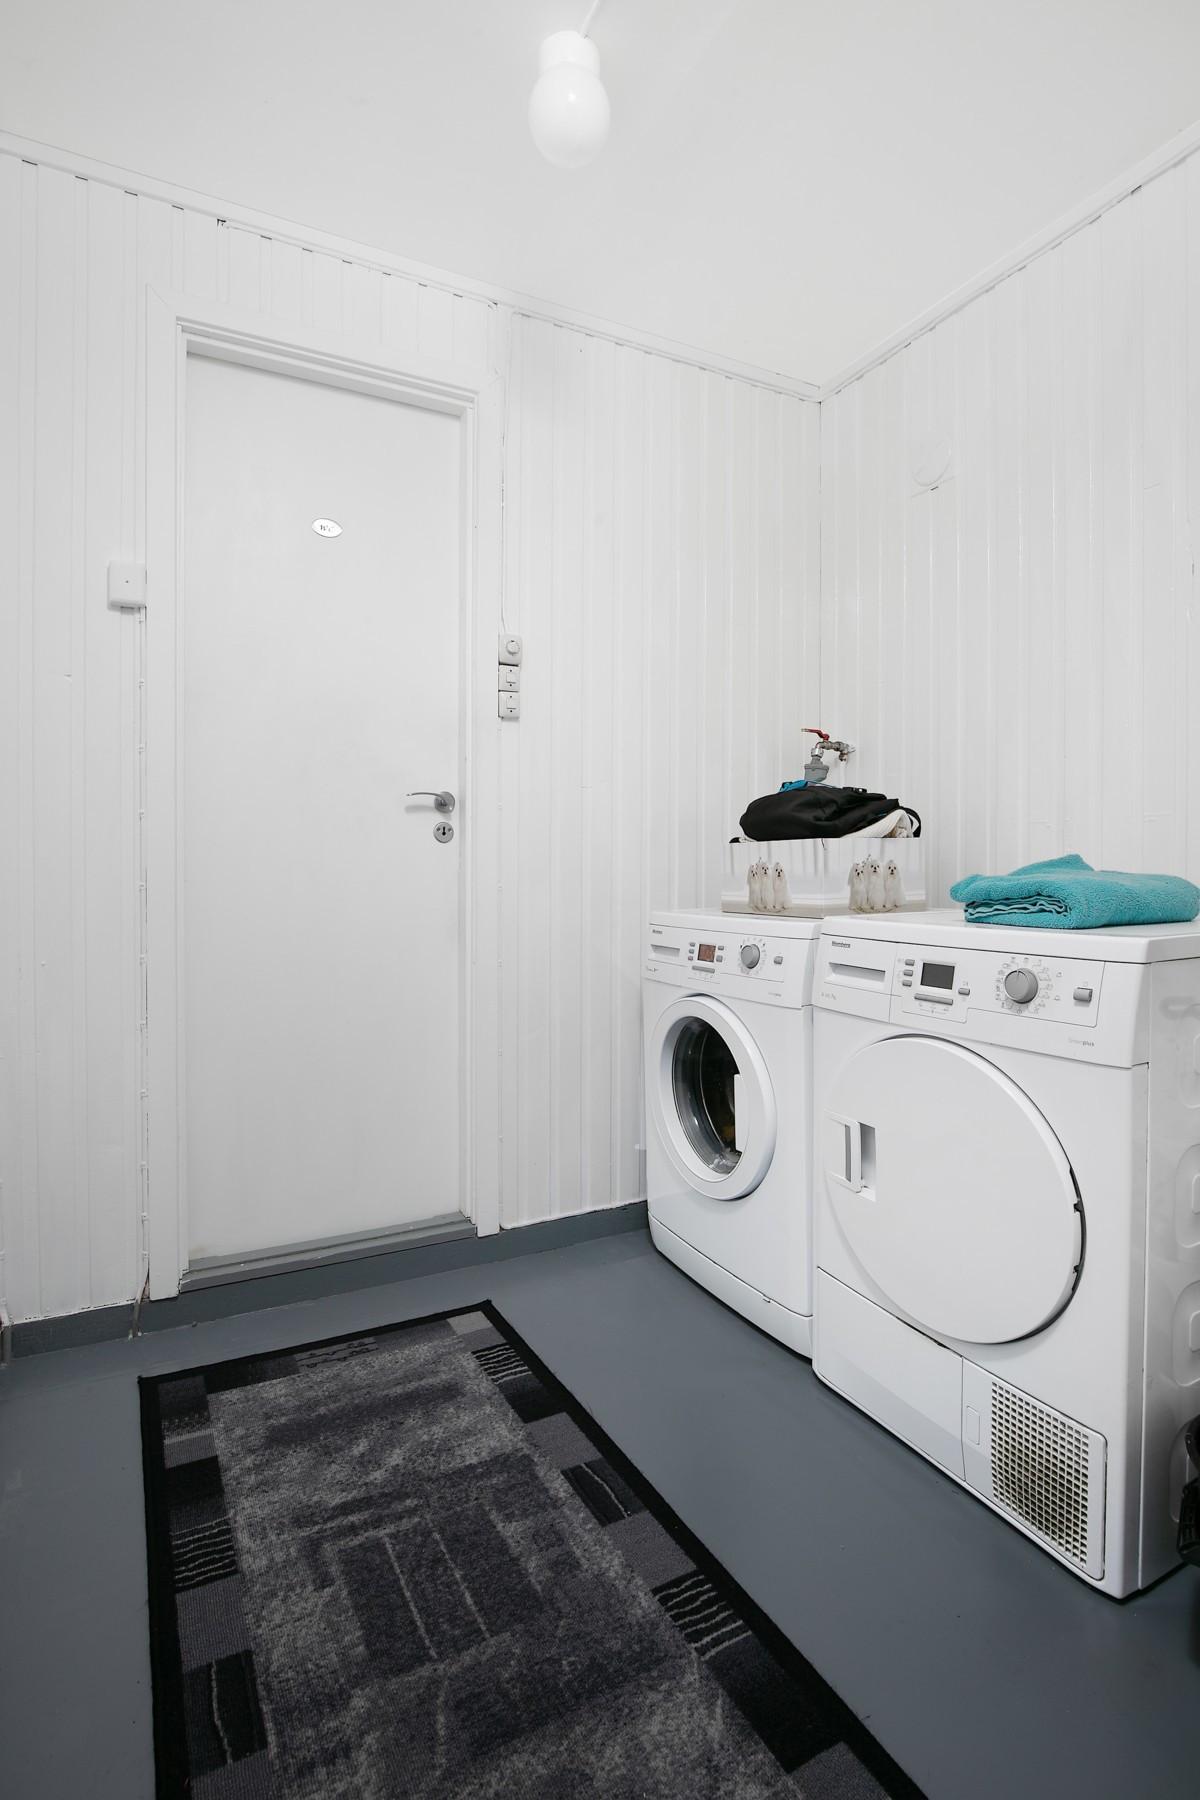 Opplegg for vaskemaskin/tørketrommel og plass til tørk er etablert i gang mellom kjøkken og bad